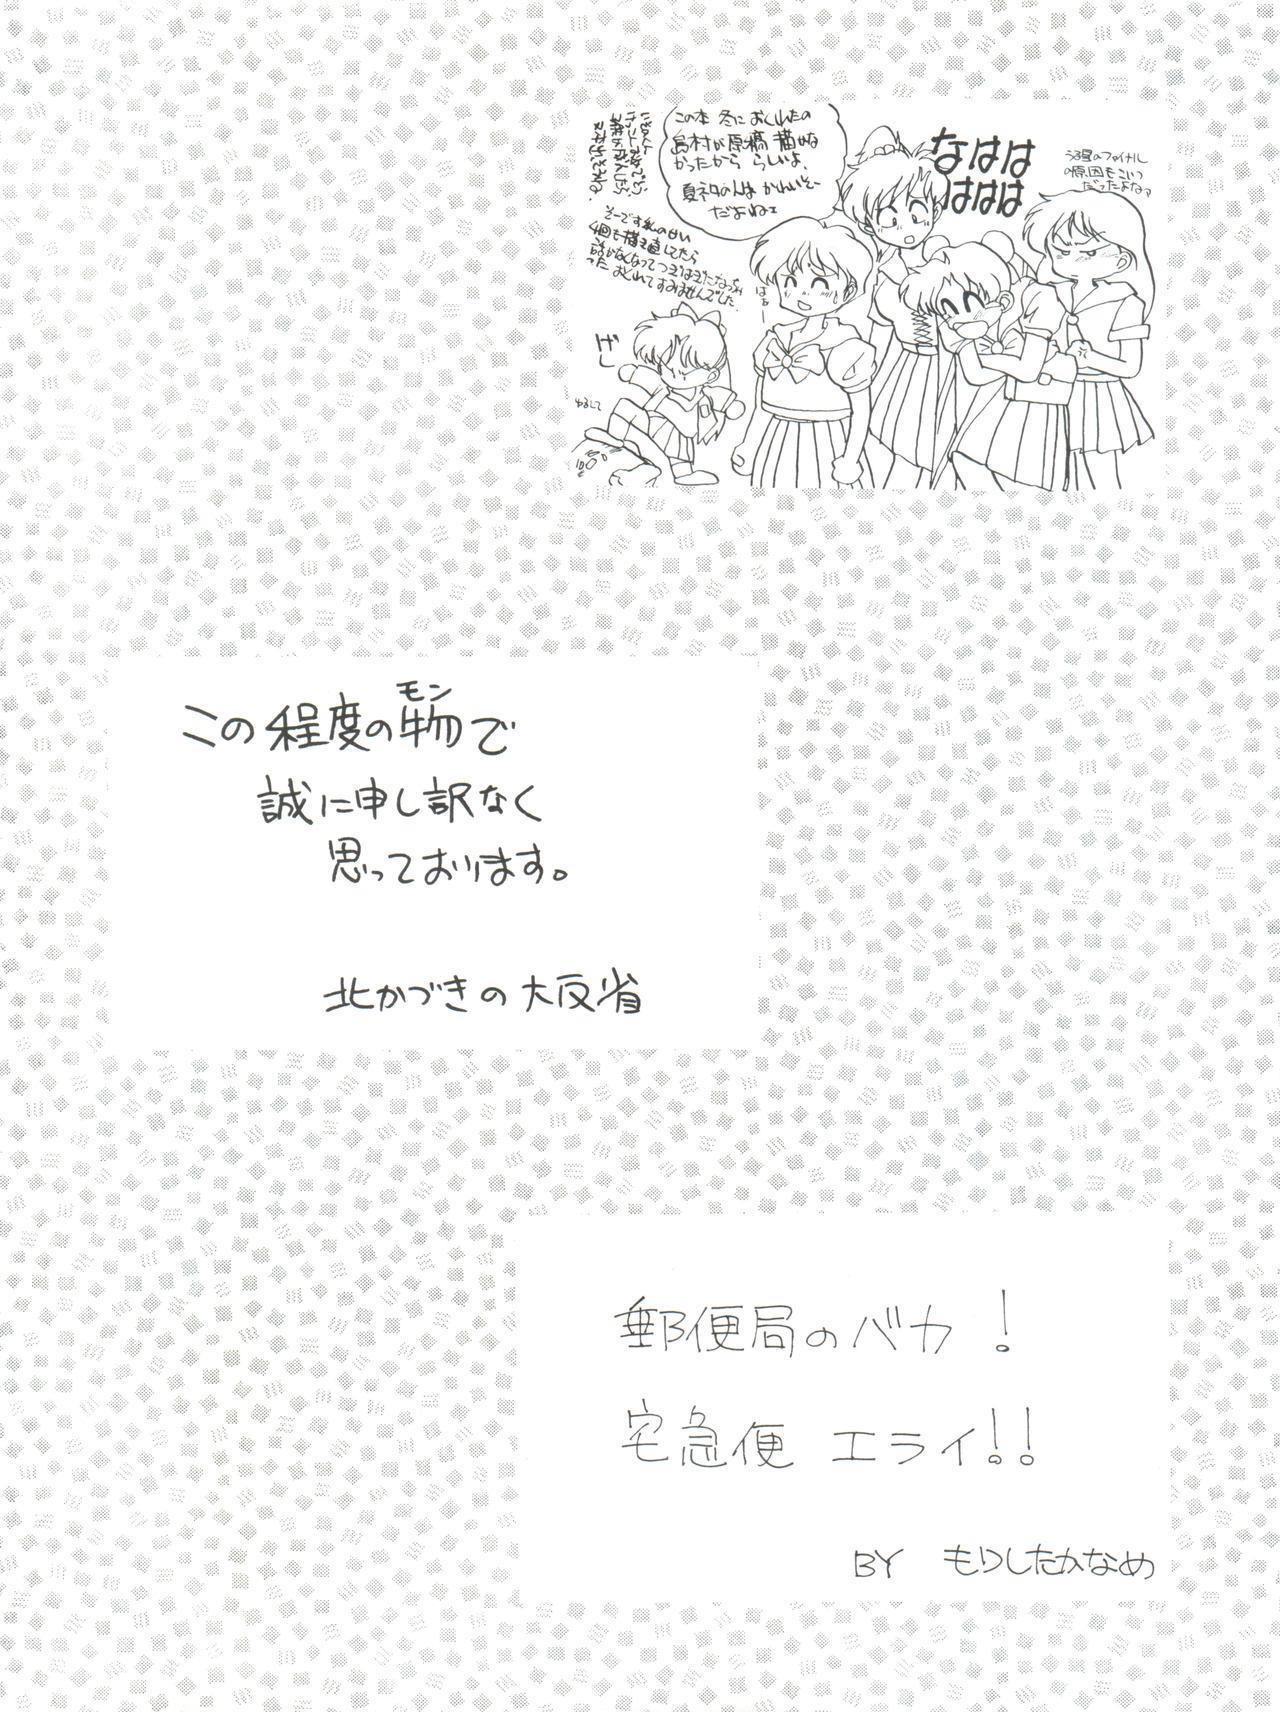 NANIWA-YA FINAL DRESS UP! 110